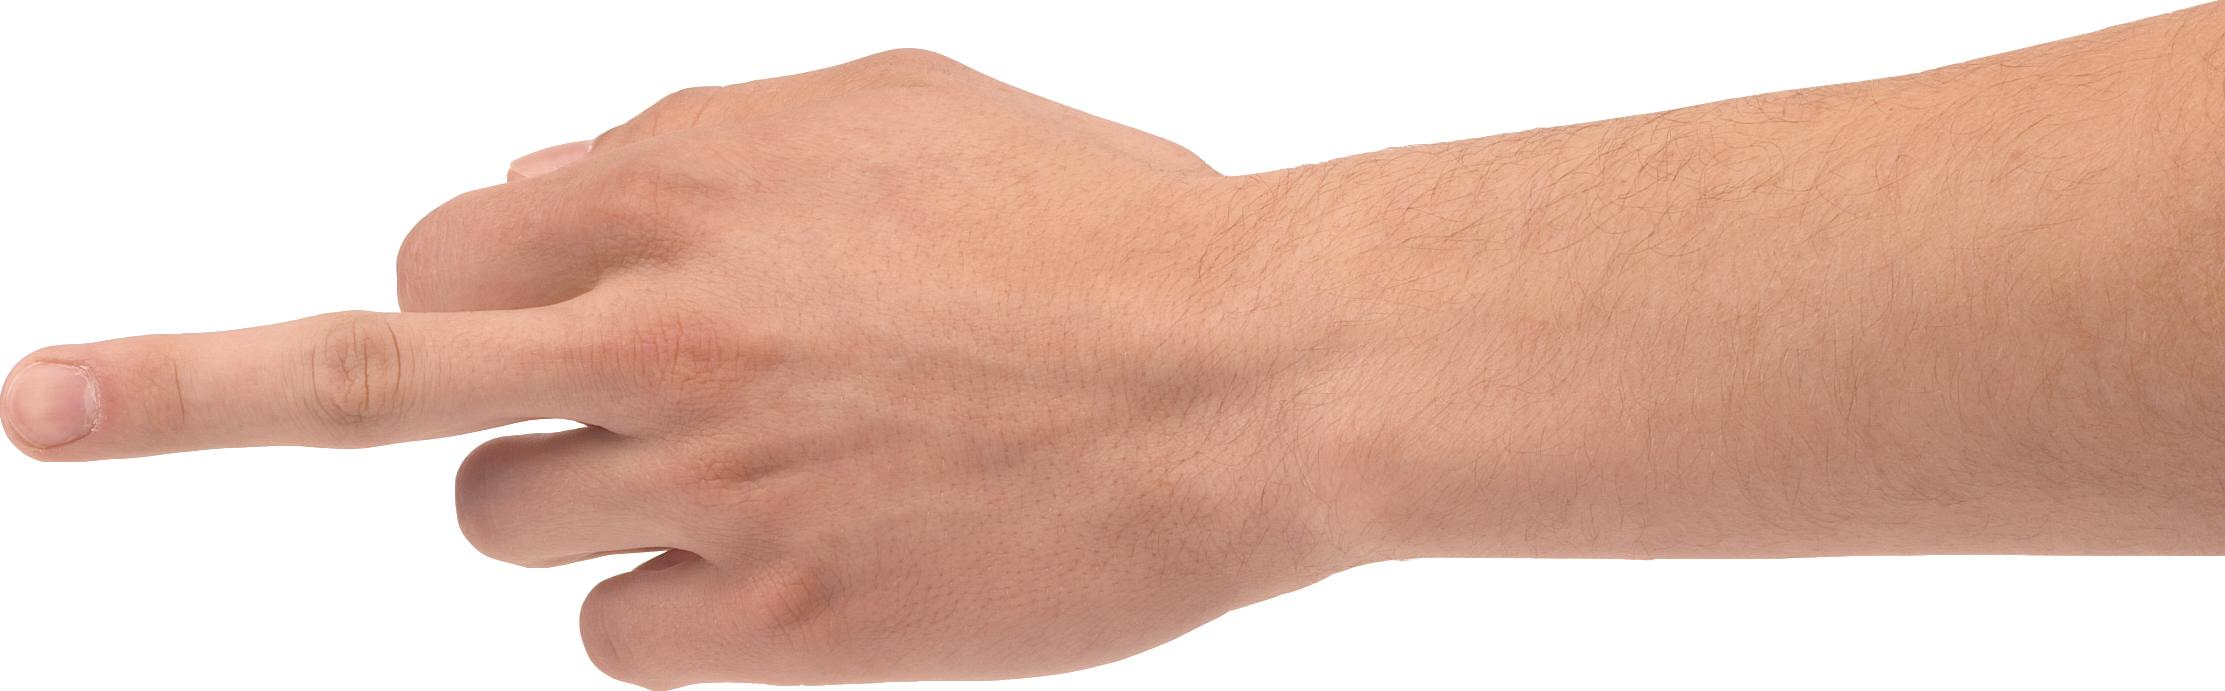 Finger PNG - 3019